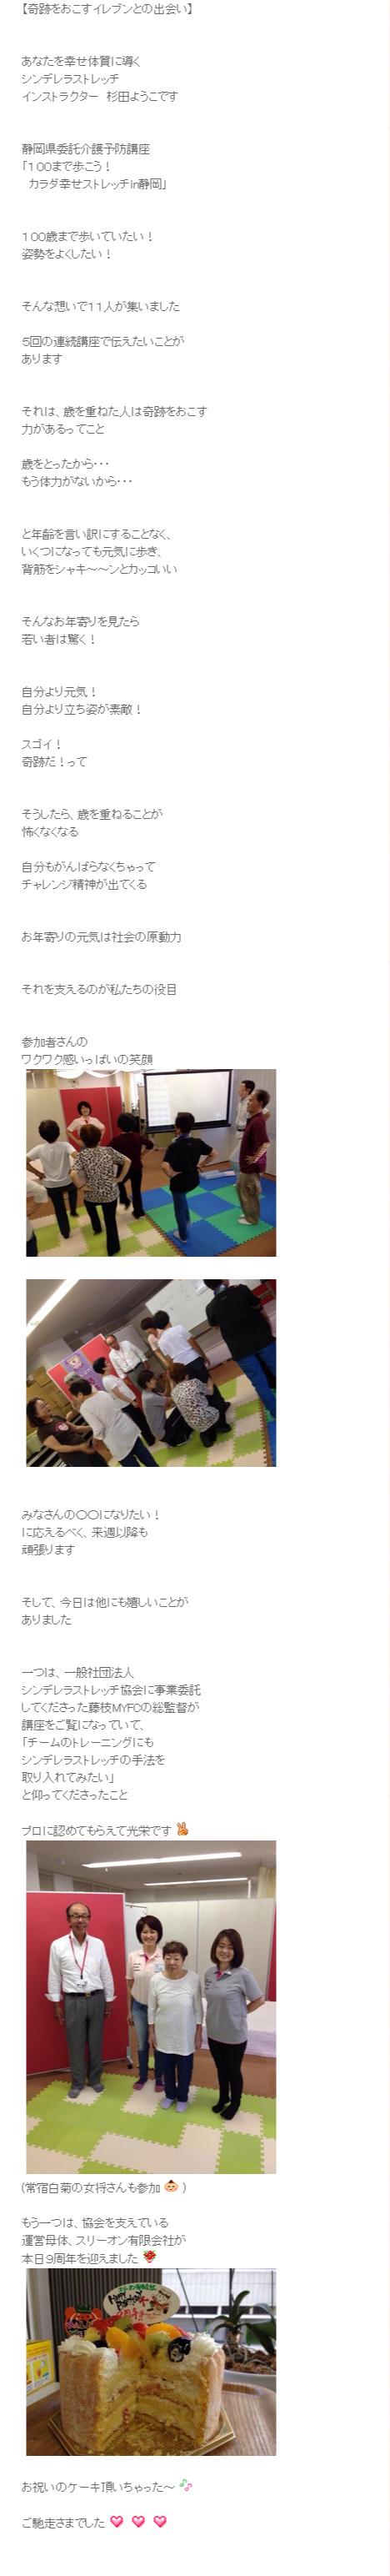 介護予防講座in静岡〜奇跡をおこすイレブン〜|あなたを幸せ体質に導く★シンデレラストレッチ